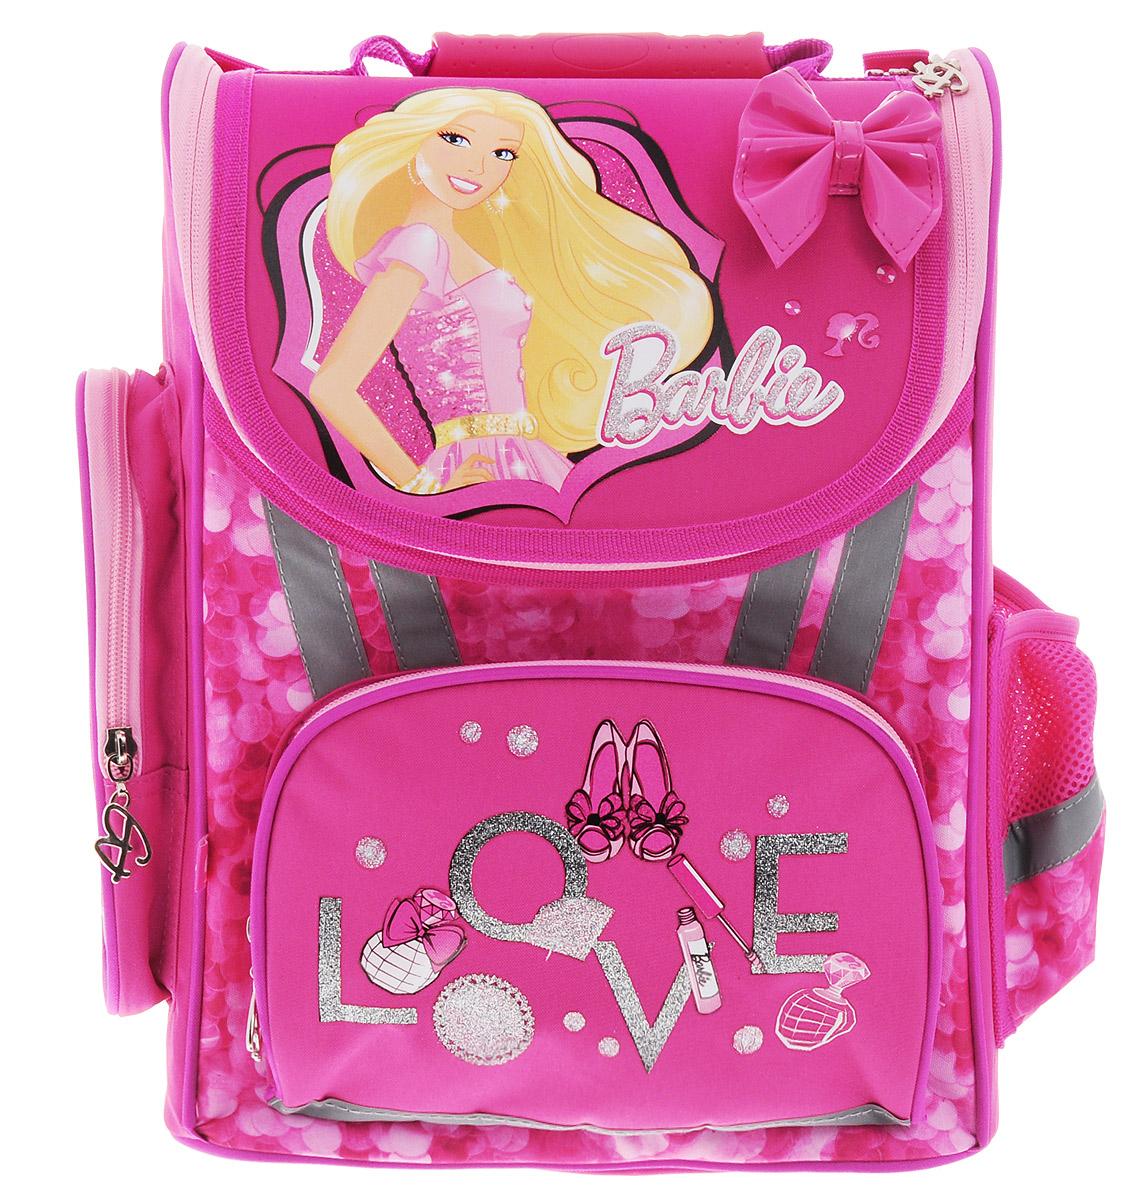 Barbie Ранец школьный BarbieBRBB-RT2-113Школьный ранец Barbie выполнен из современного легкого и прочного полиэстера ярко-розового цвета. Ранец дополнен яркими аппликациями с куклой Barbie и декоративным лаковым бантиком. Ранец имеет одно основное отделение, закрывающееся на клапан с молнией. Под крышкой клапана расположен прозрачный пластиковый кармашек для вкладыша с адресом и ФИО владельца. Внутри главного отделения расположены два мягких разделителя с утягивающей резинкой, предназначенные для тетрадей и учебников. На лицевой стороне ранца расположен накладной карман на молнии. По бокам ранца размещены два дополнительных накладных кармана, один на молнии, и один открытый. Анатомическая вентилируемая спинка ранца и широкие мягкие лямки, регулируемые по длине, равномерно распределяют нагрузку на плечевой пояс, способствуя формированию правильной осанки. Ранец оснащен эргономичной ручкой для переноски и петлей для подвешивания. Дно ранца защищено пластиковыми ножками. Многофункциональный школьный ранец станет незаменимым спутником вашего ребенка в походах за знаниями.